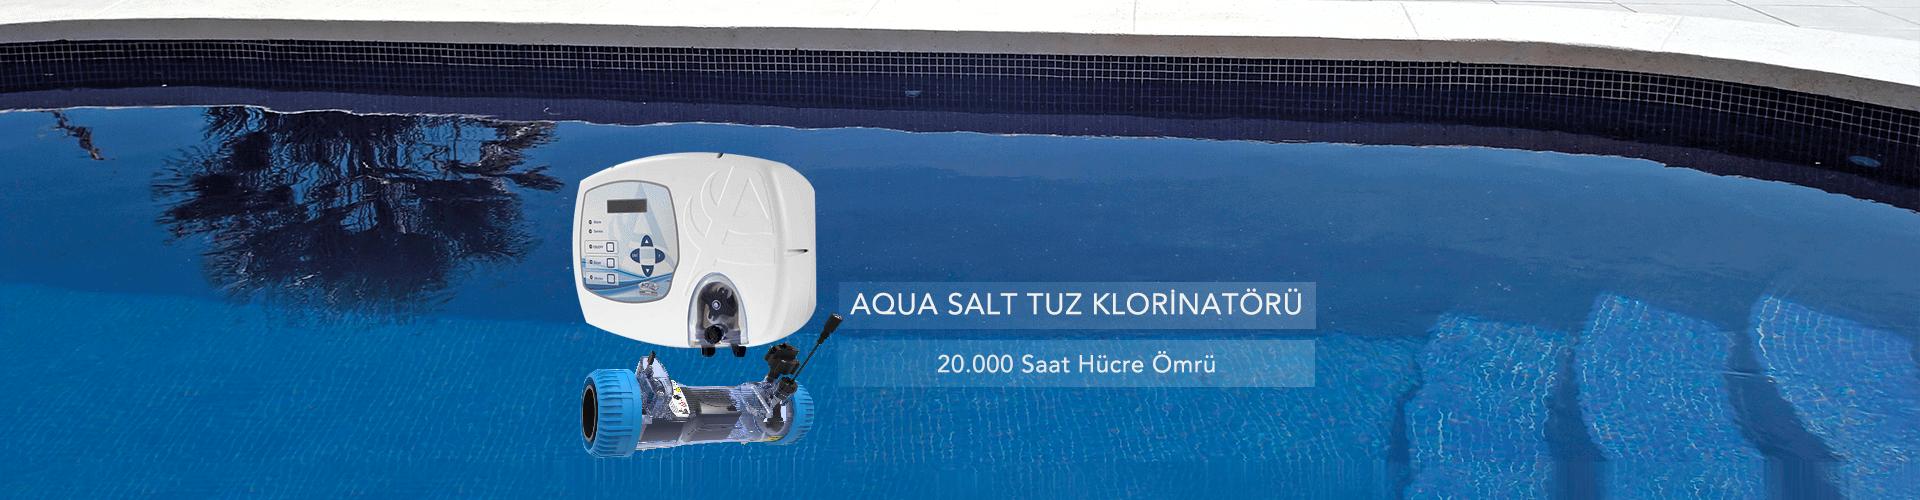 aqua su arıtımı